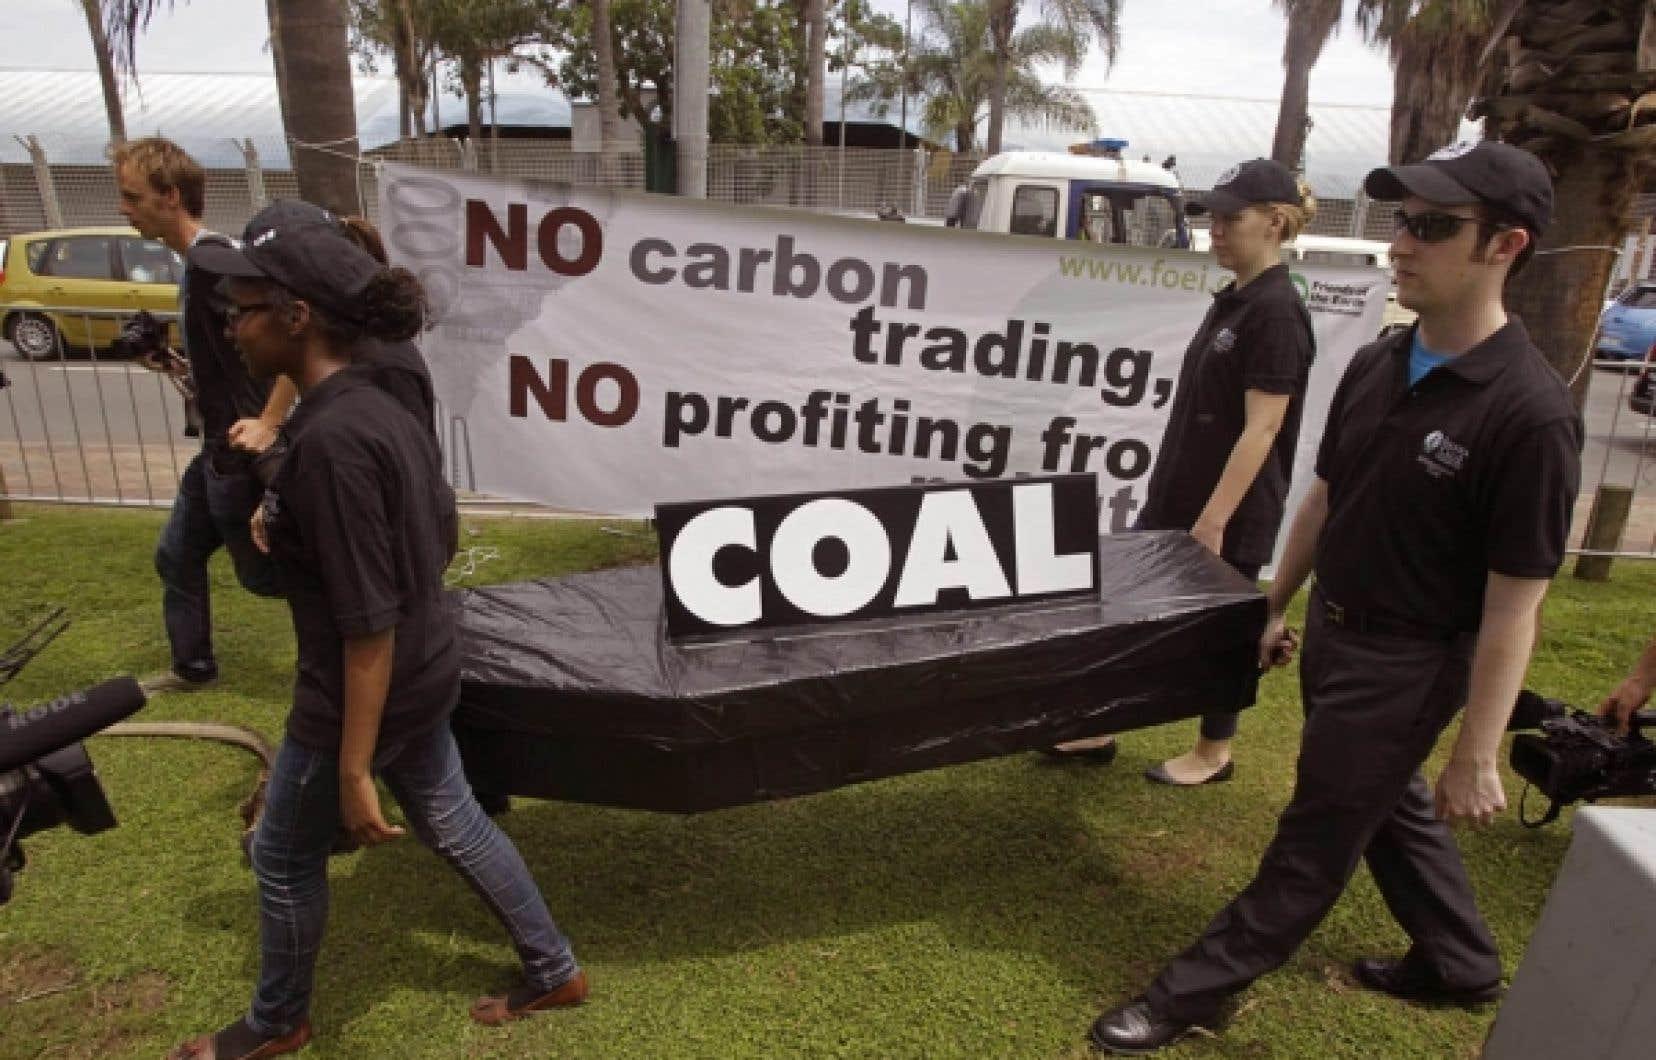 Une manifestation s'est tenue hier à Durban, en Afrique du Sud.